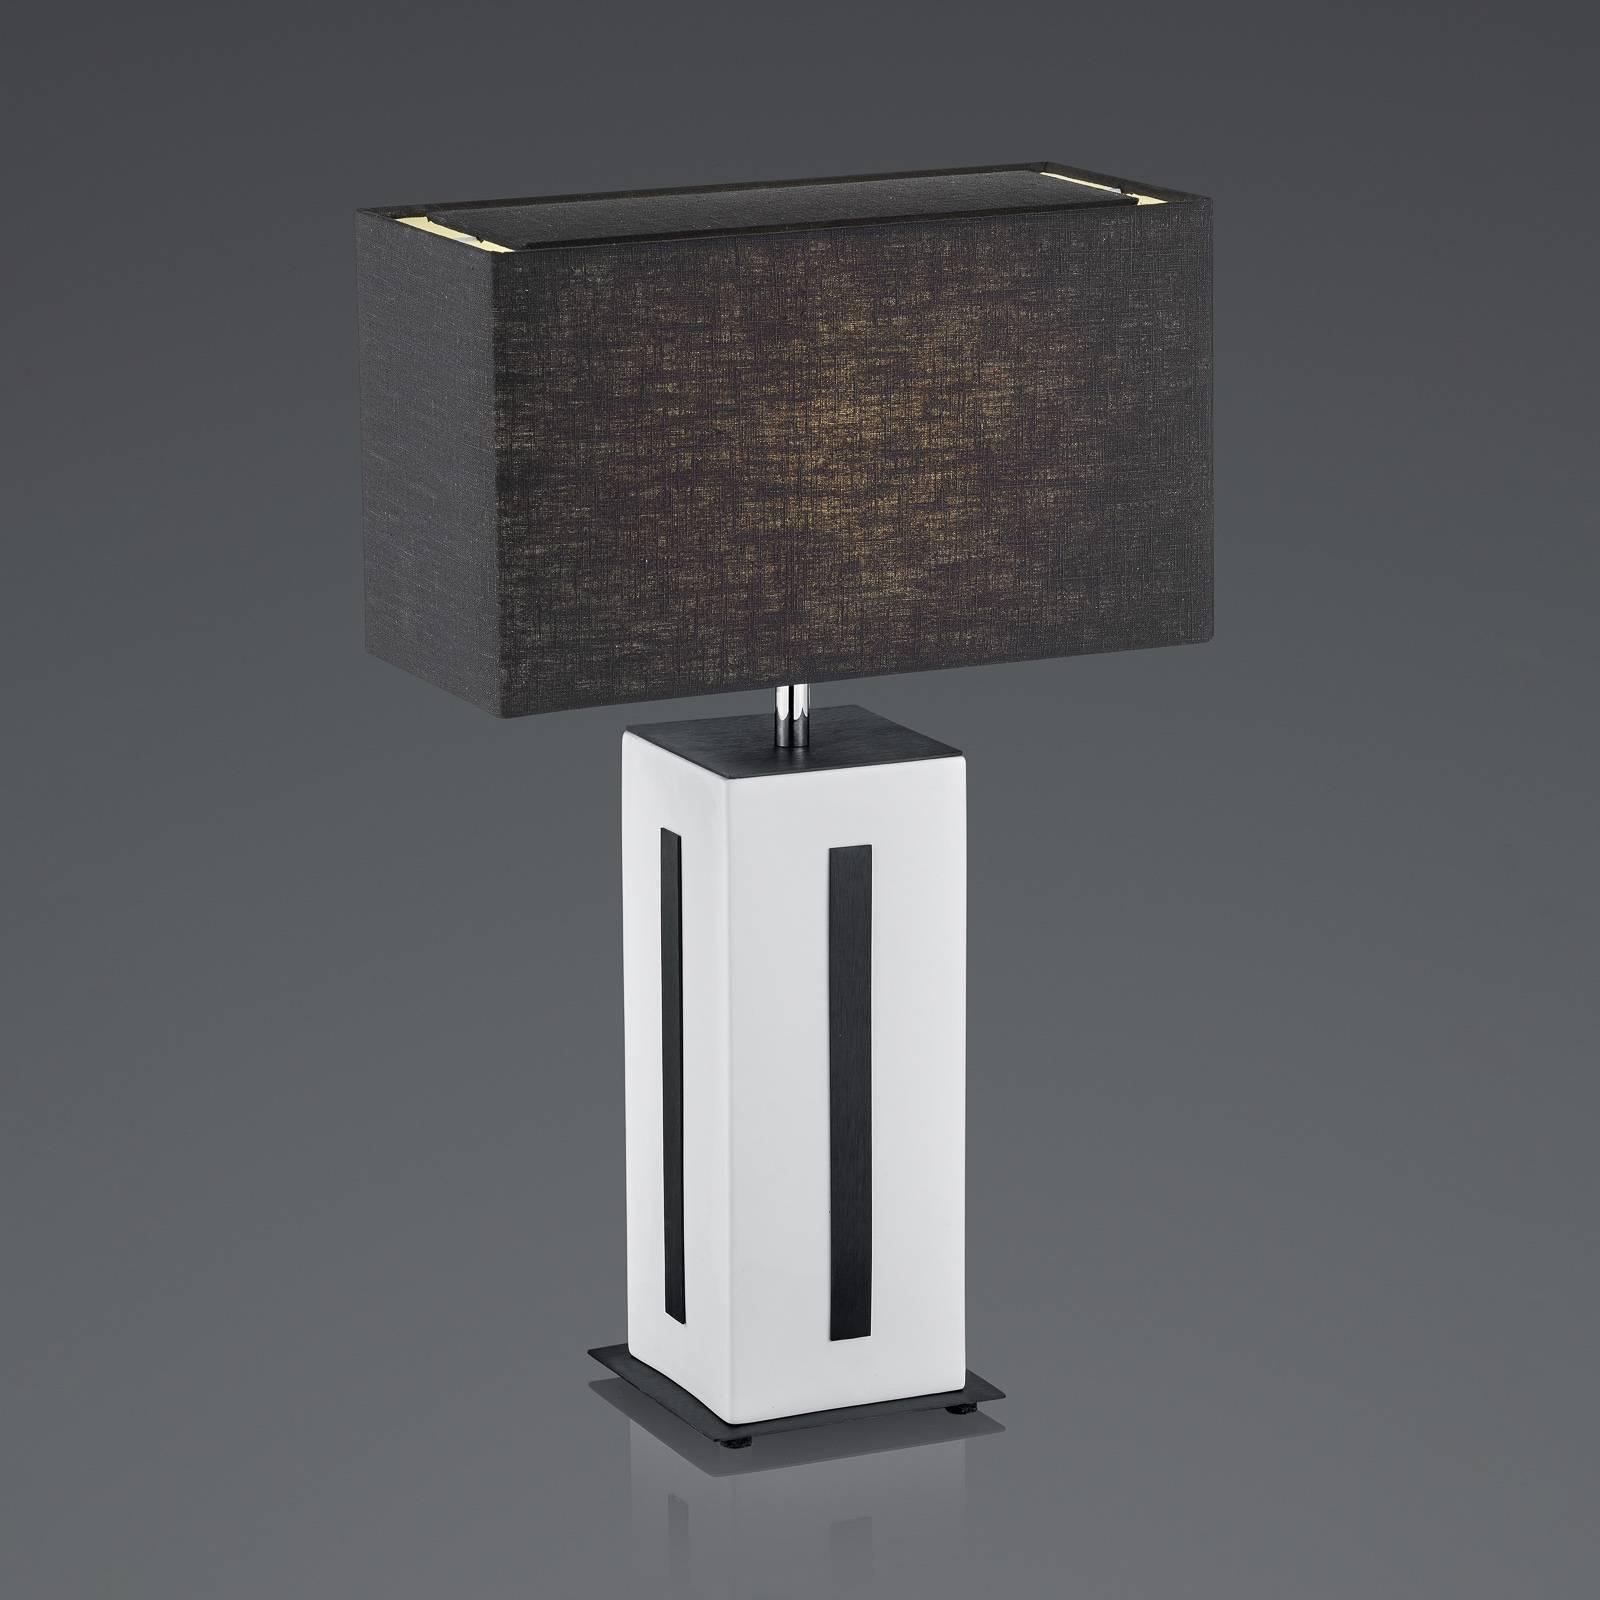 BANKAMP Karlo pöytävalaisin valkoinen/musta, 56cm